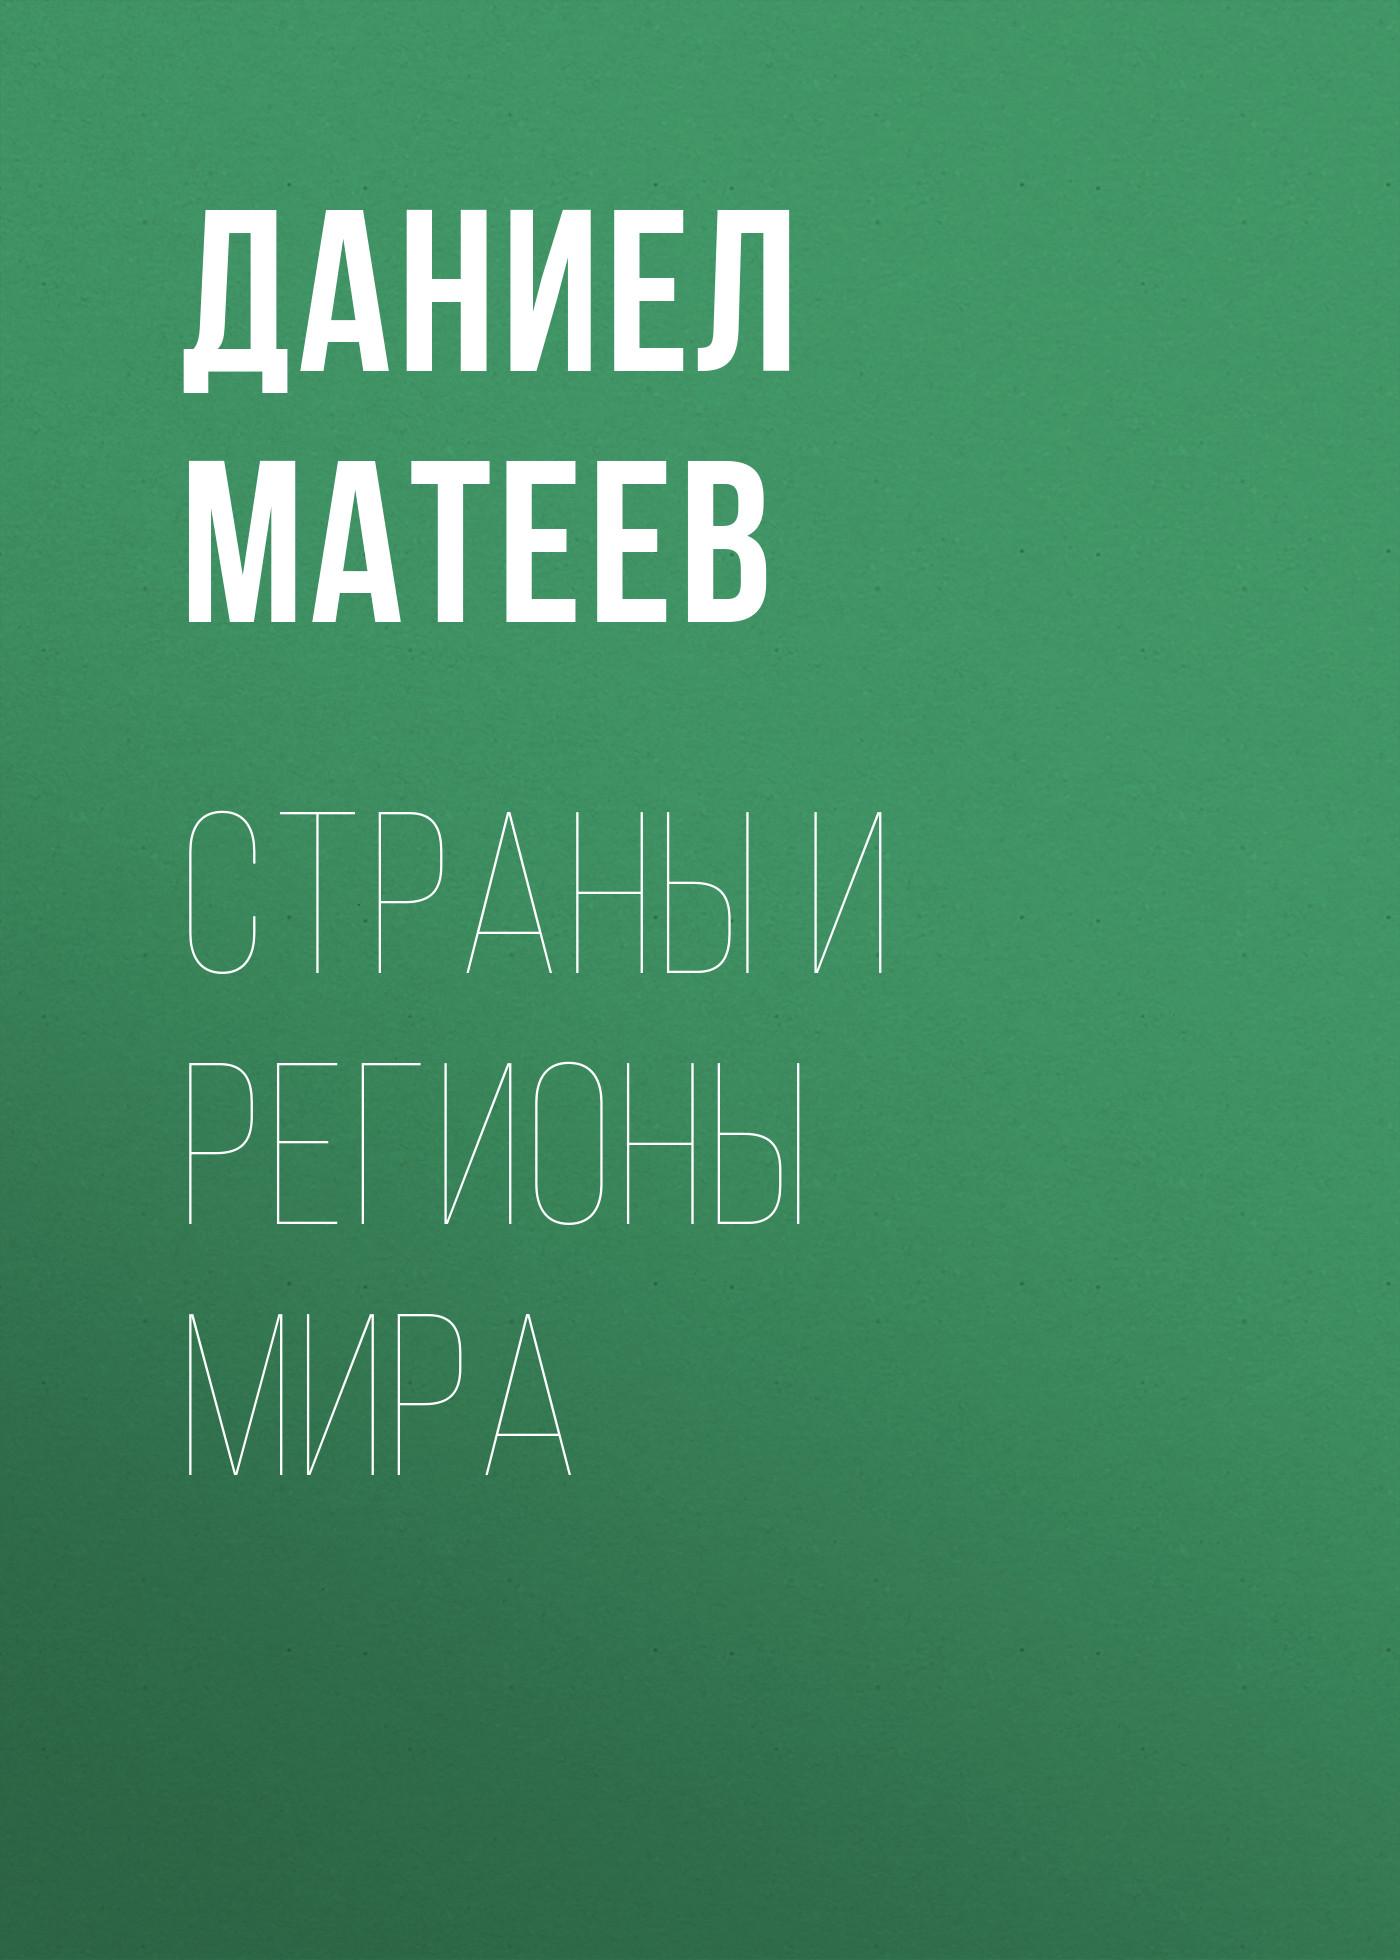 Даниел Матеев Страны и регионы мира даниел матеев страны и регионы мира